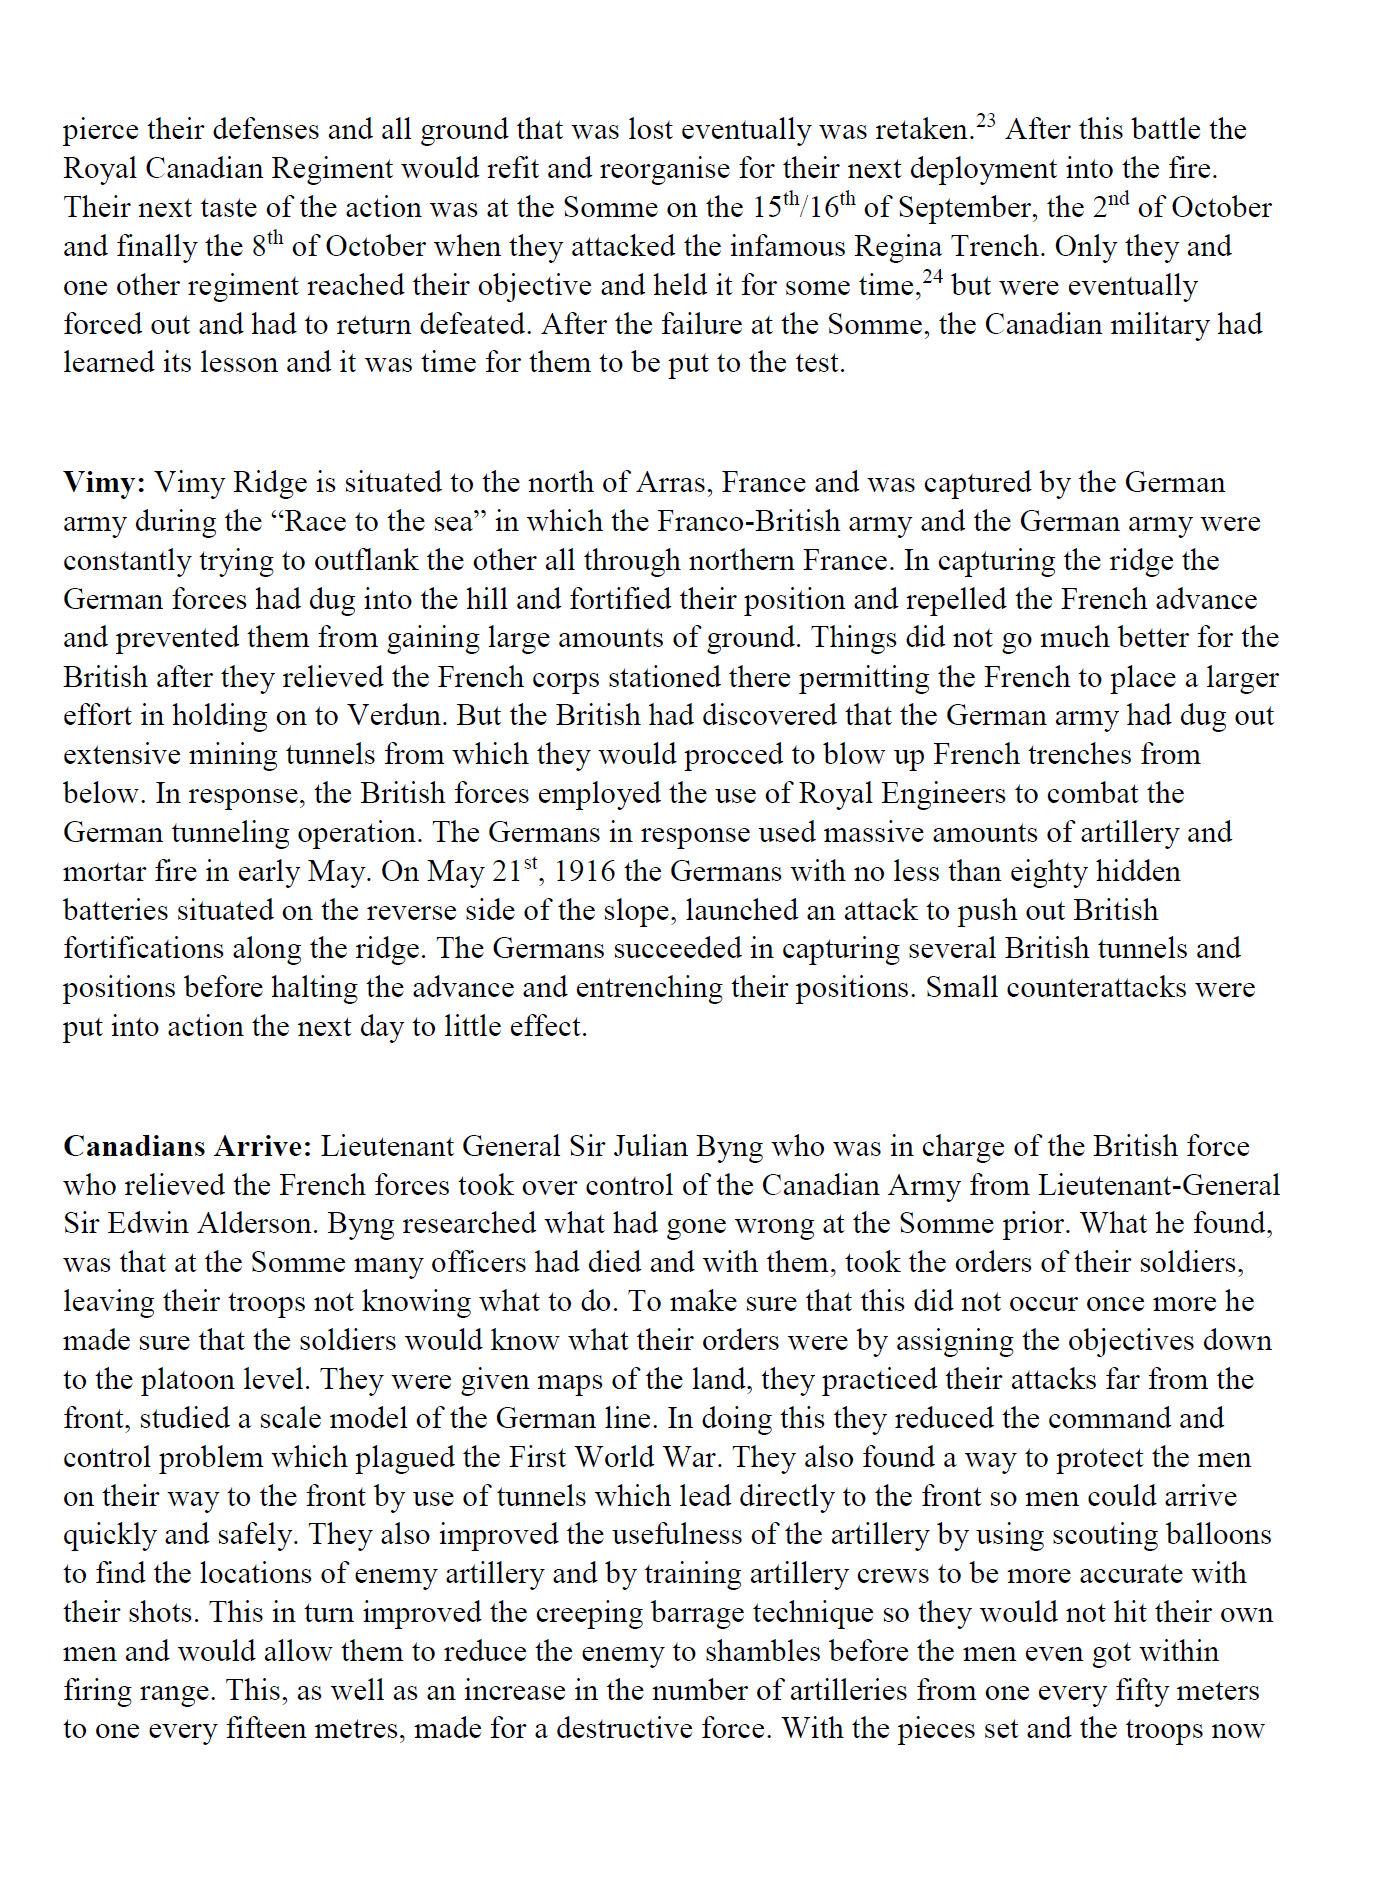 Essay (Page 2)